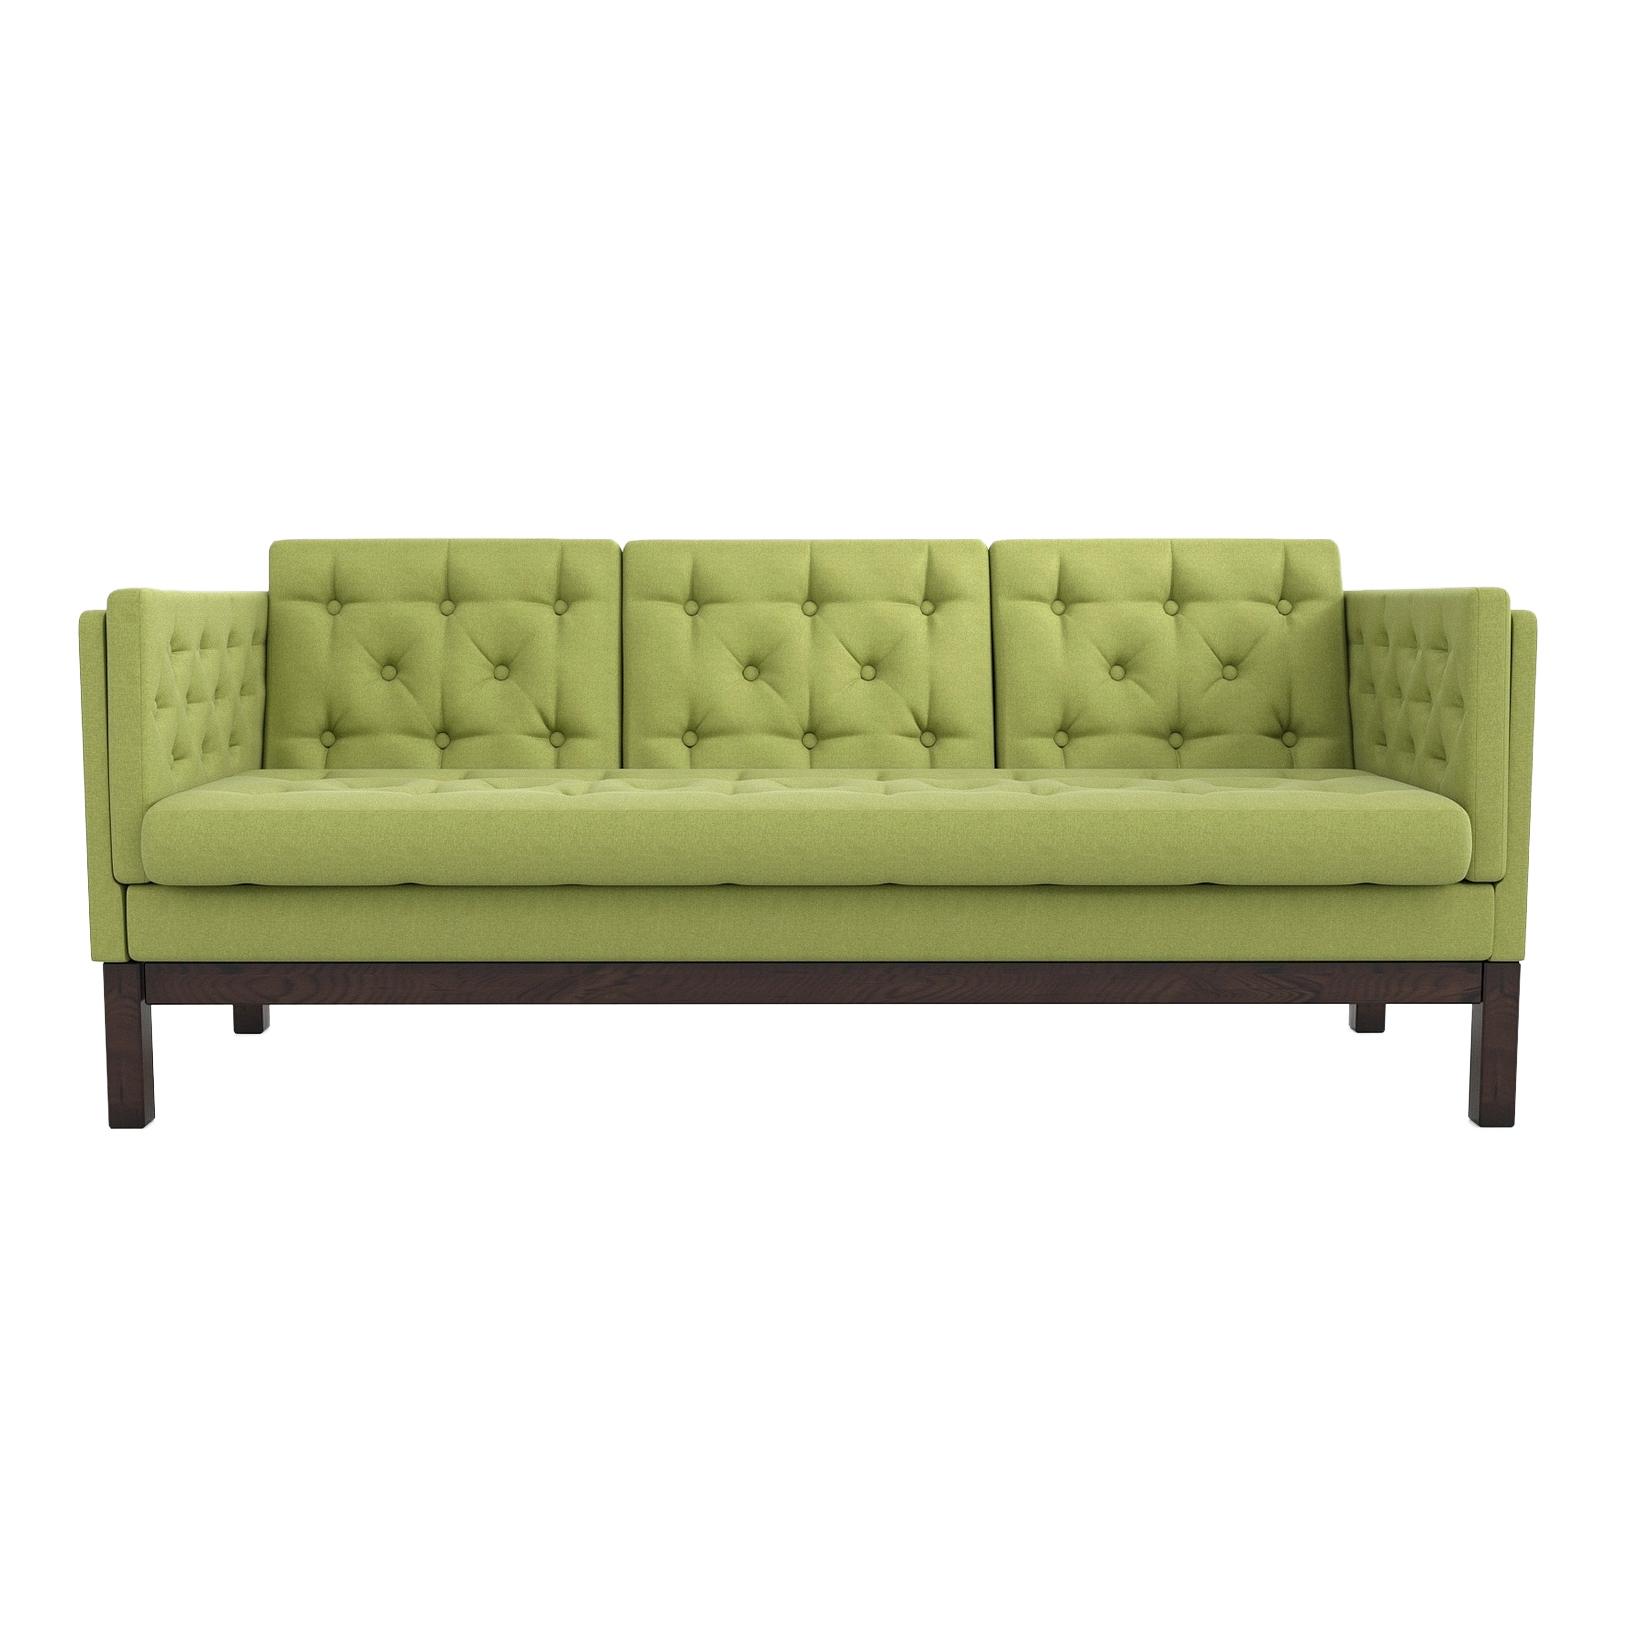 Фото - Диван AS Алана б 193x82x83 венге/зеленый диван as алана м 154x82x83 сосна коричневый